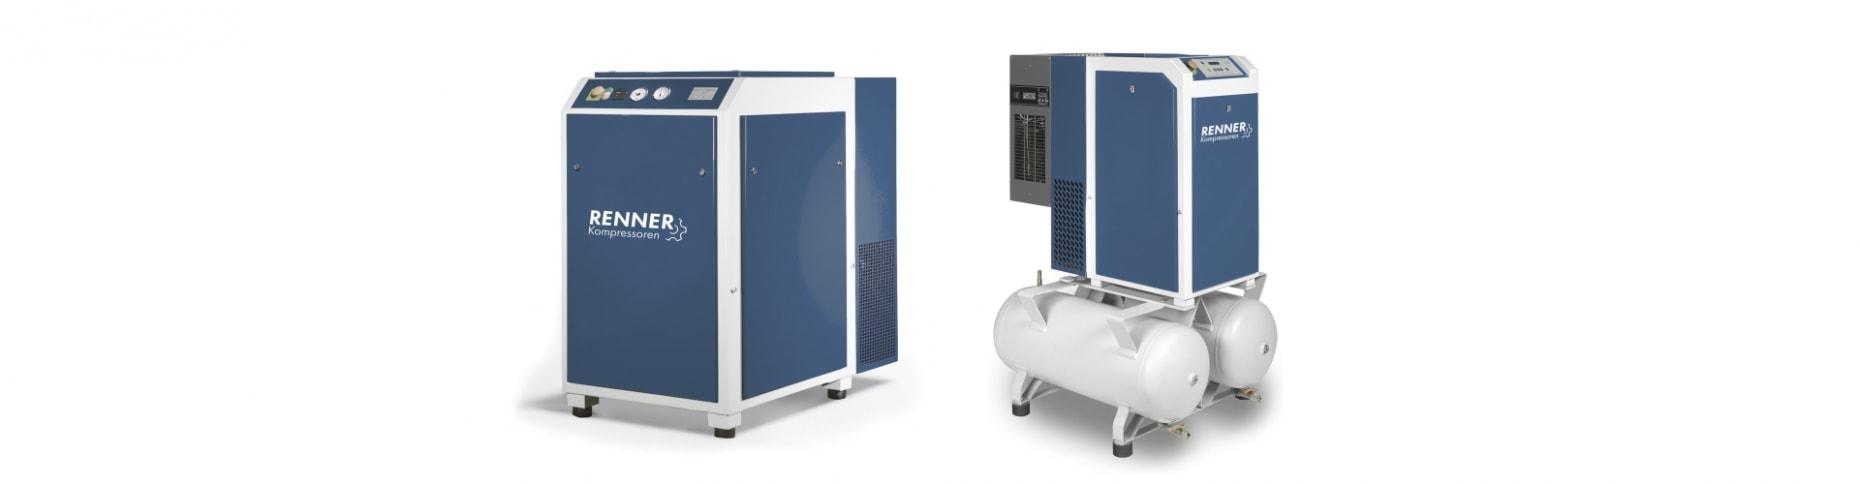 Boos Drucklufttechnik - Sortiment Gebrauchtmaschinen